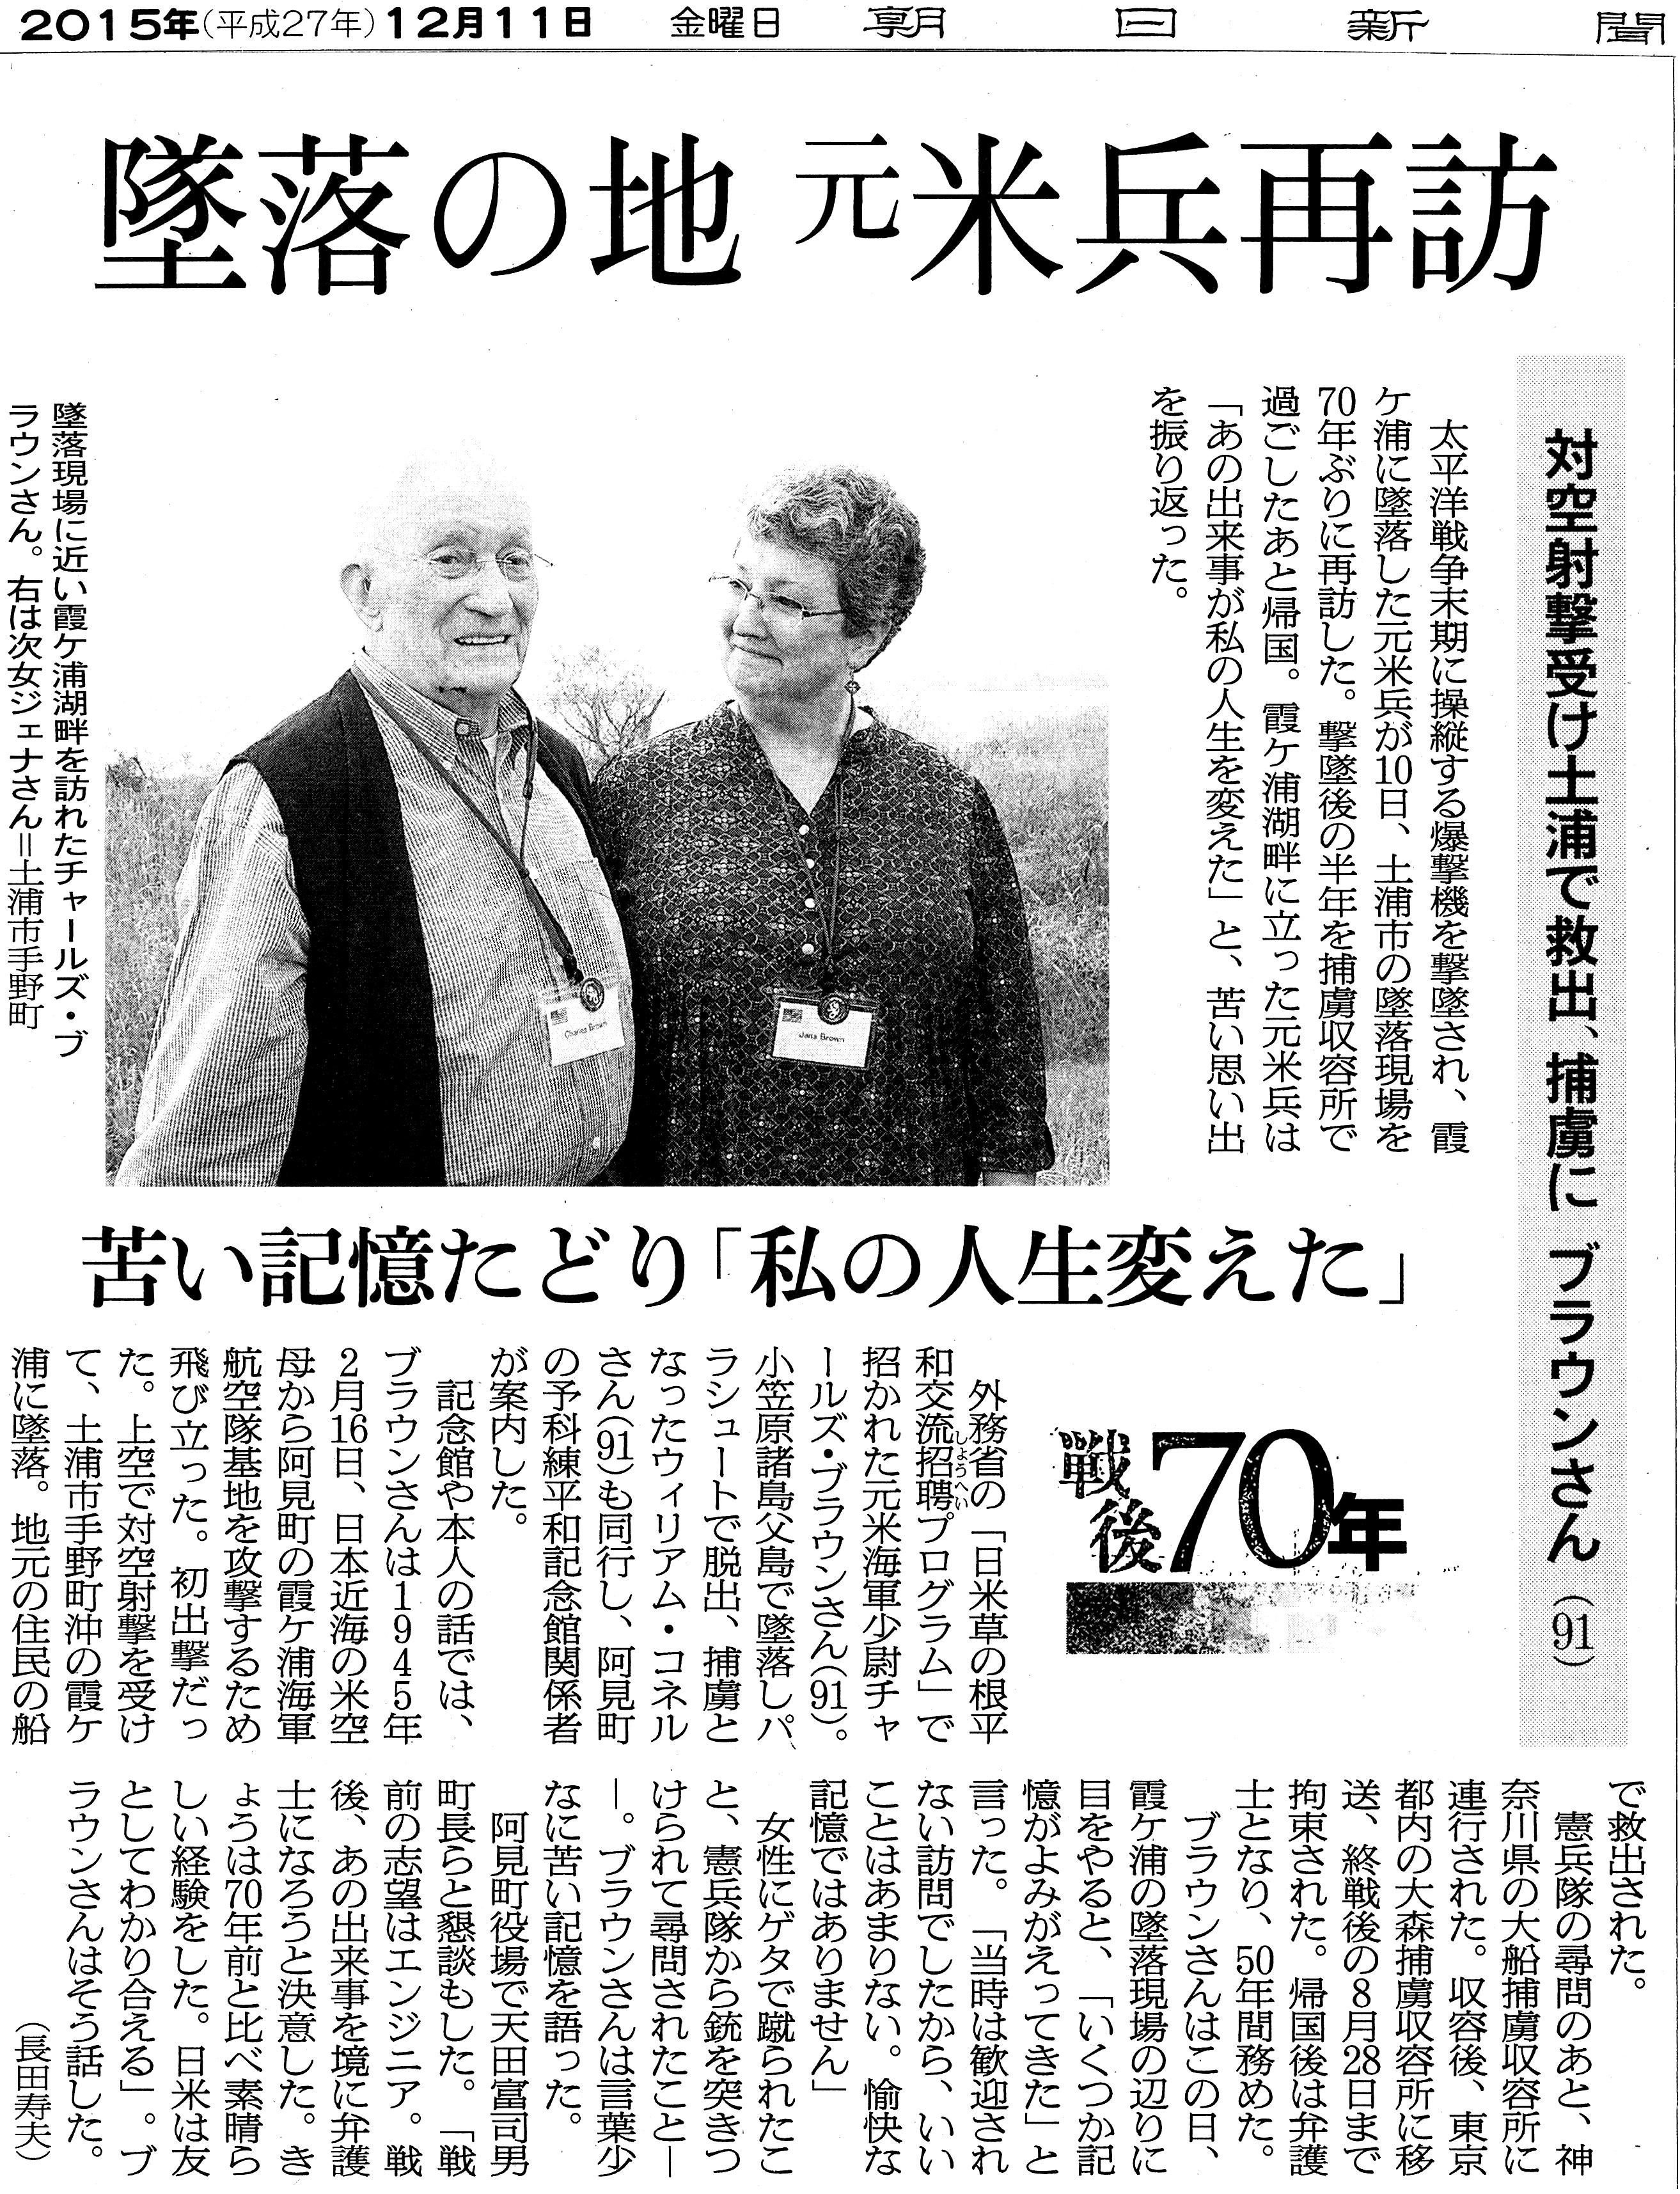 【朝日新聞】墜落の地元米兵再訪 苦い記憶たどり「私の人生変えた」